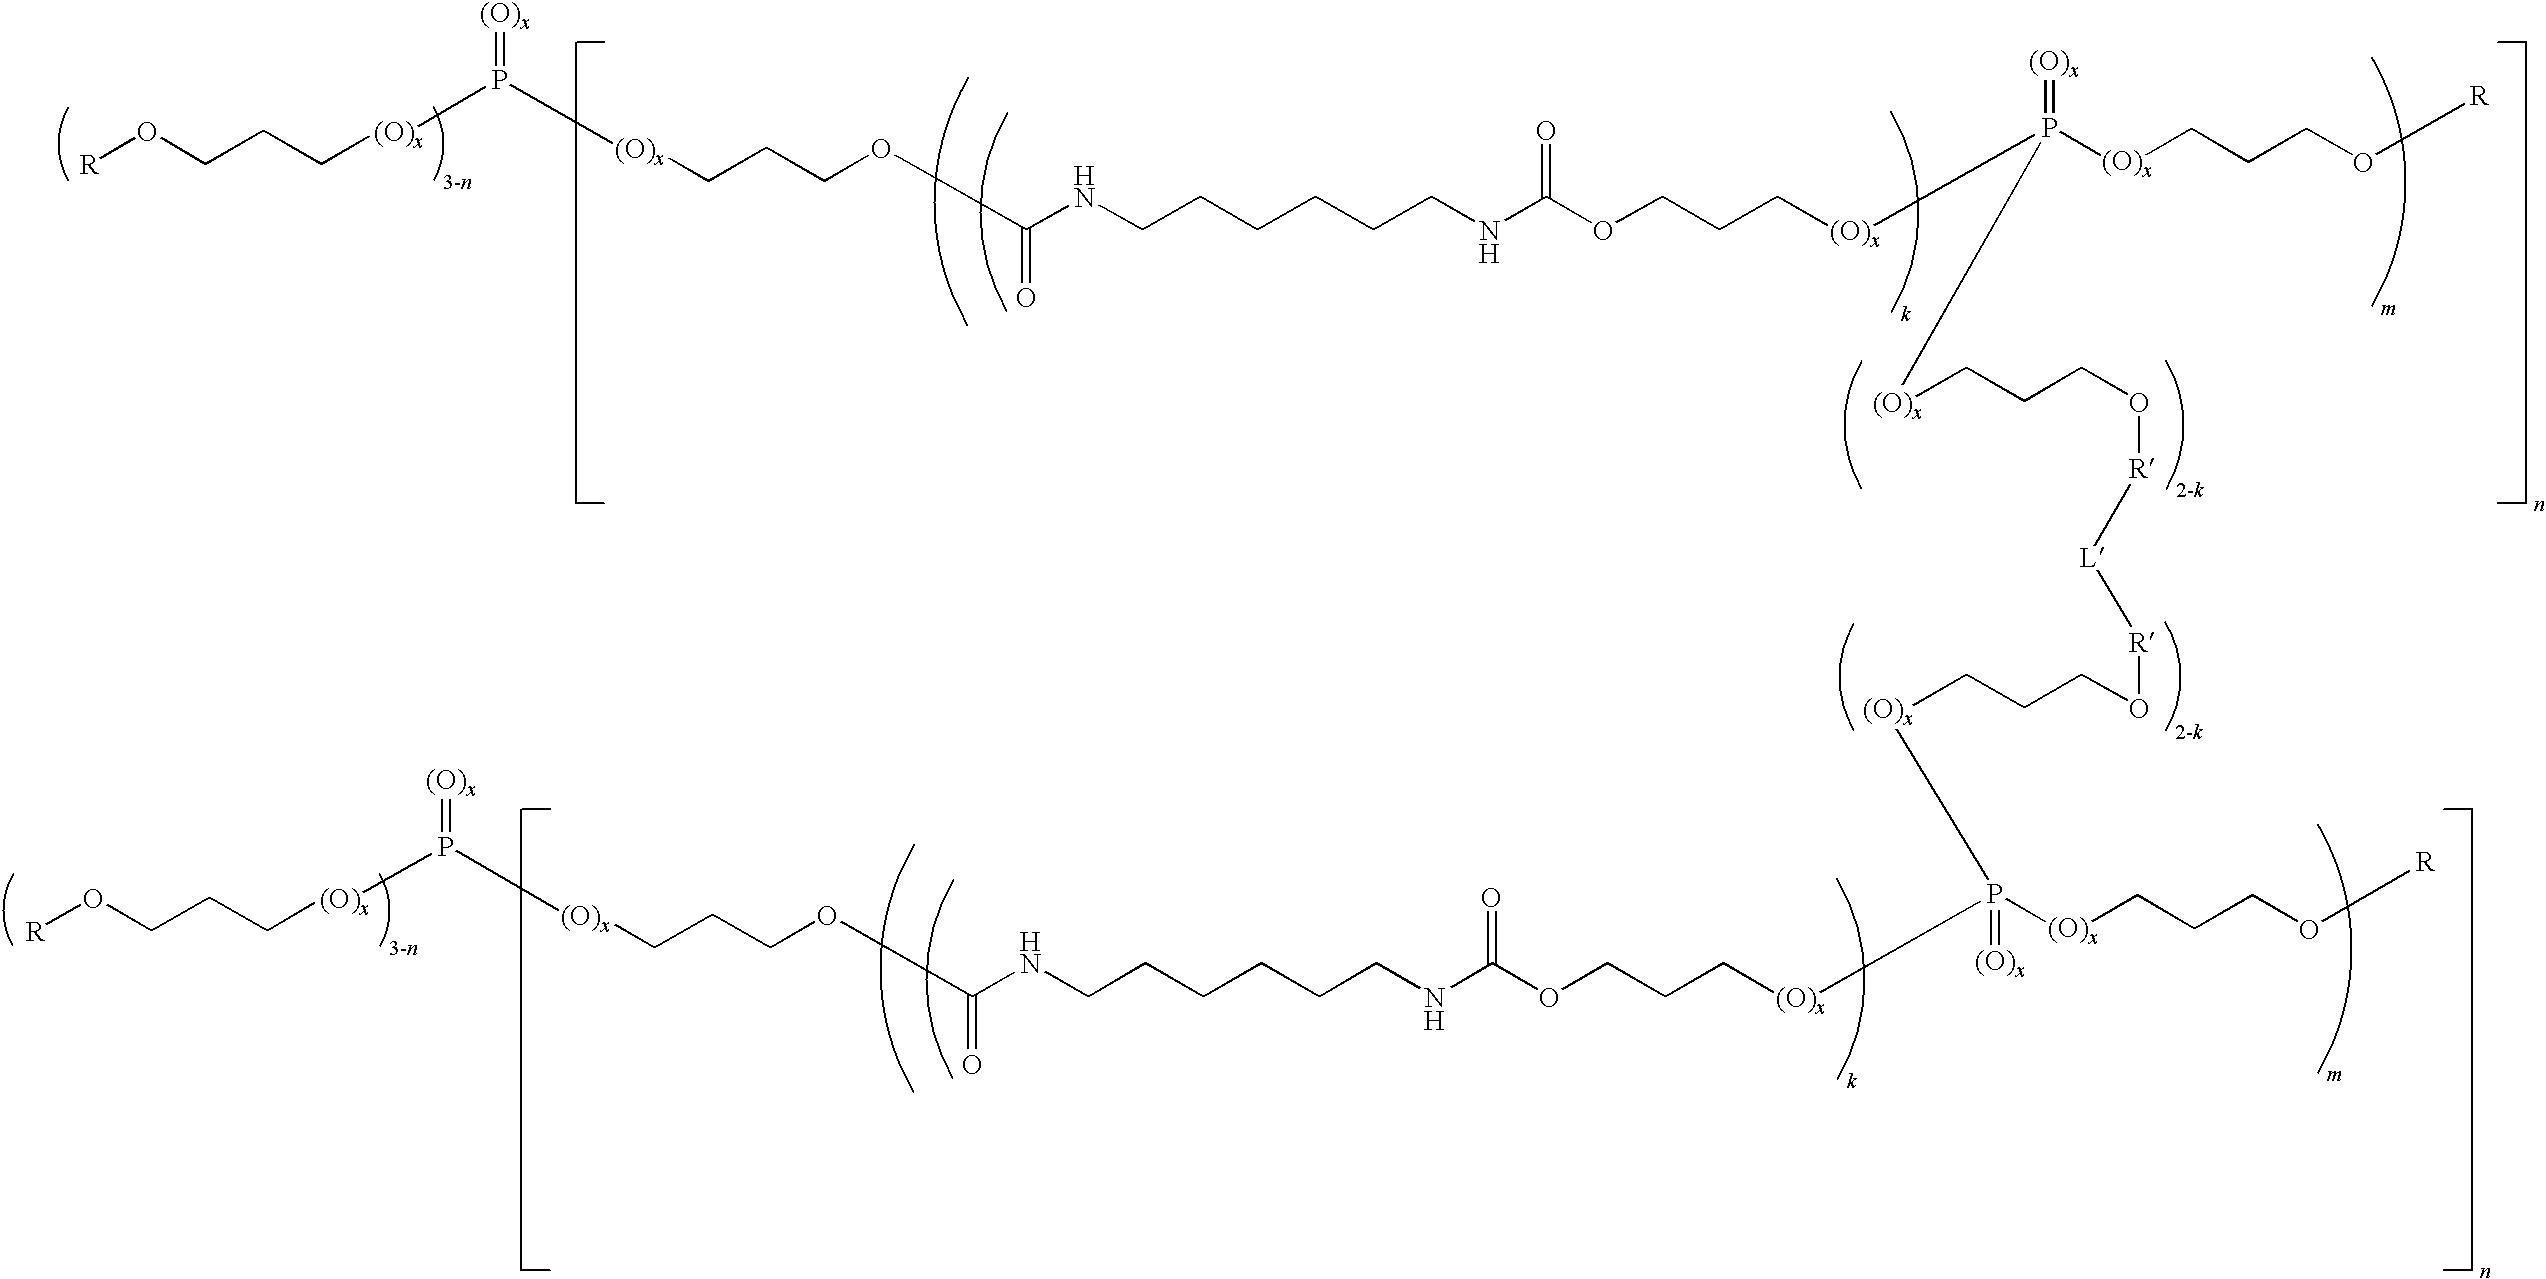 Figure US20100102277A1-20100429-C00011